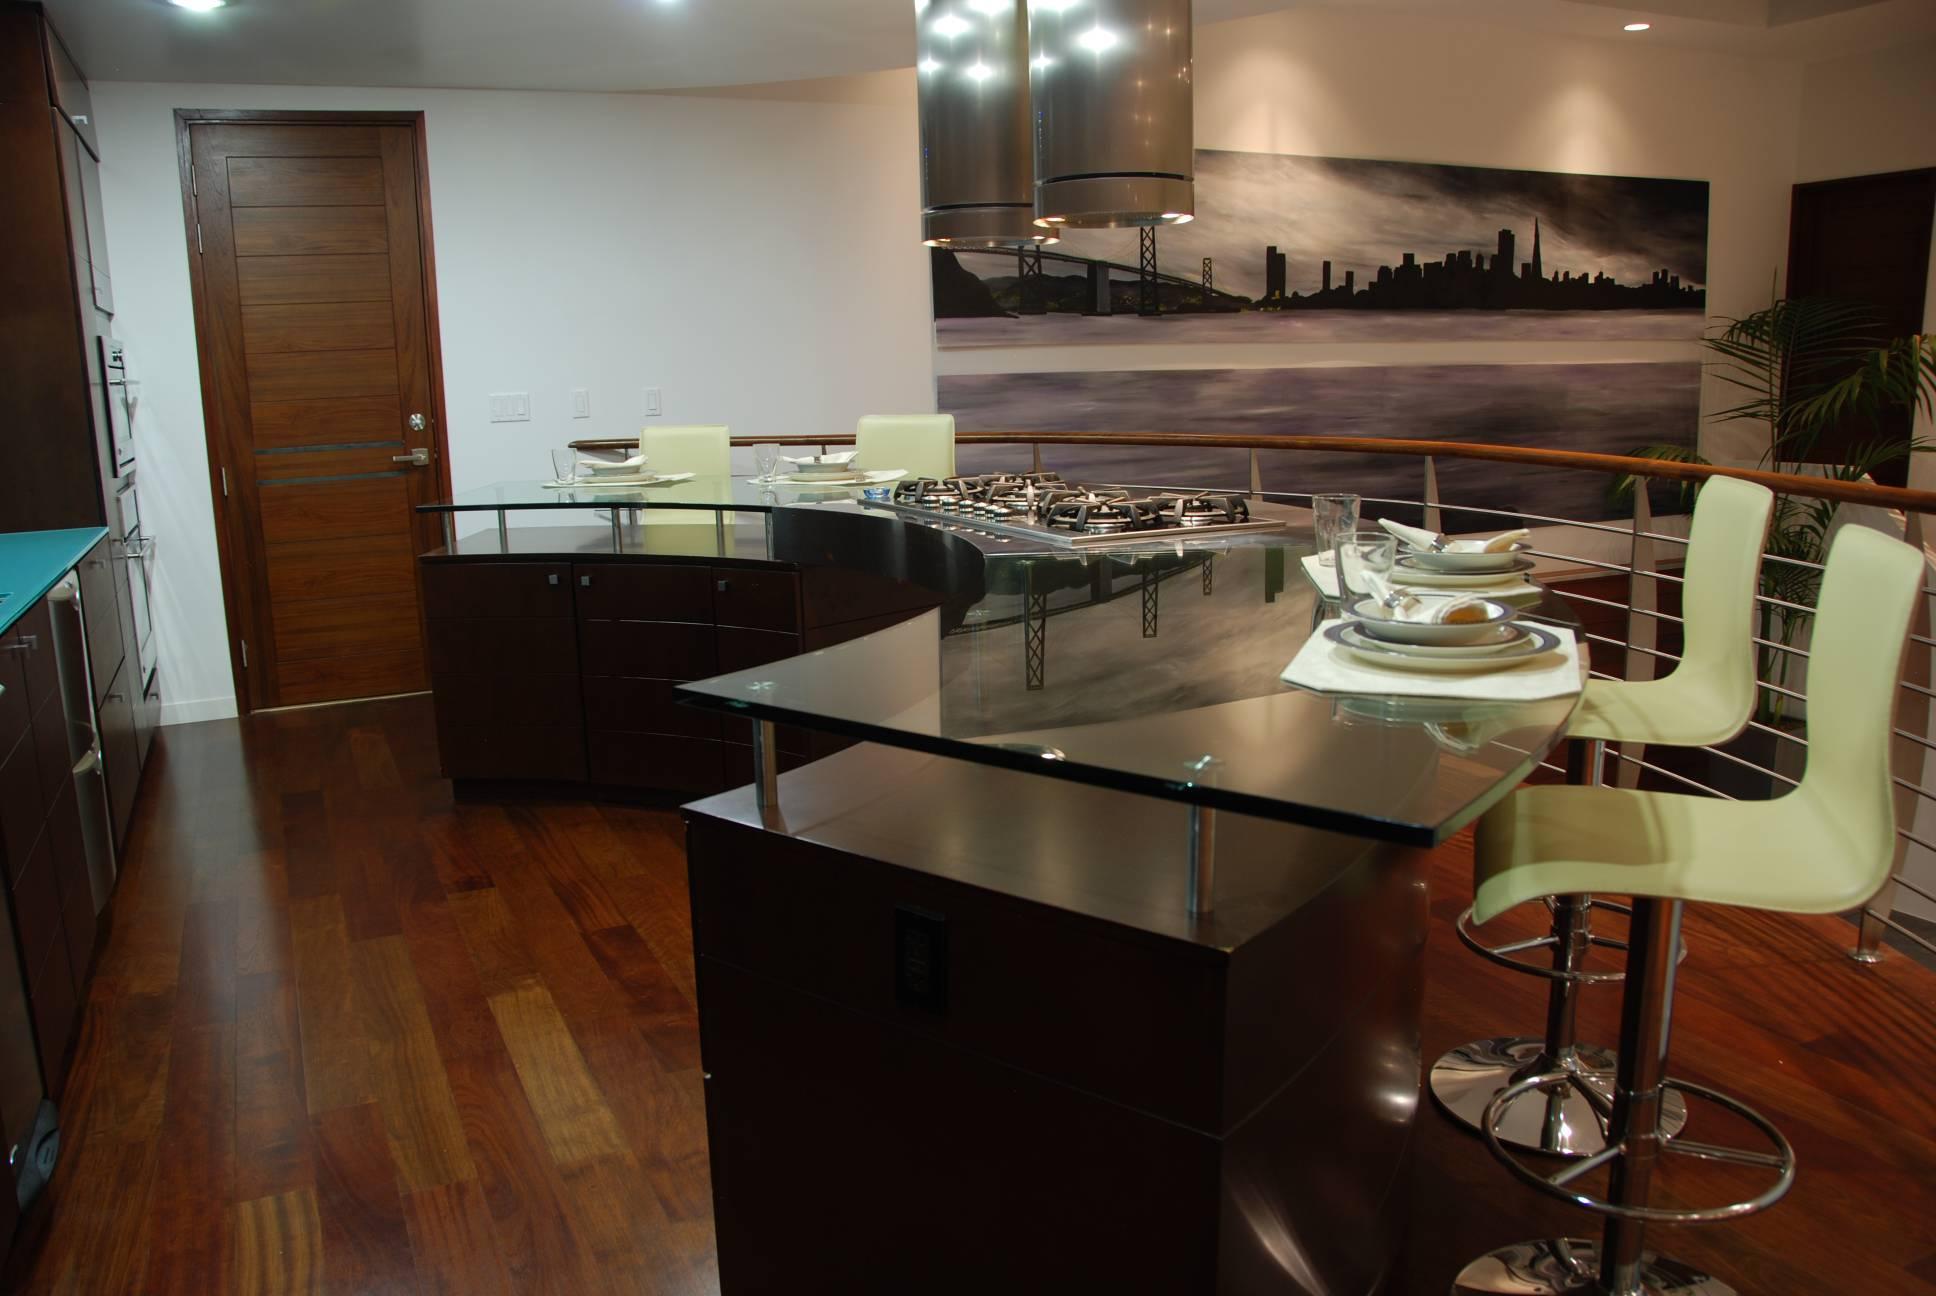 Modern home kitchen with bar stools, best interior design work, Los Altos